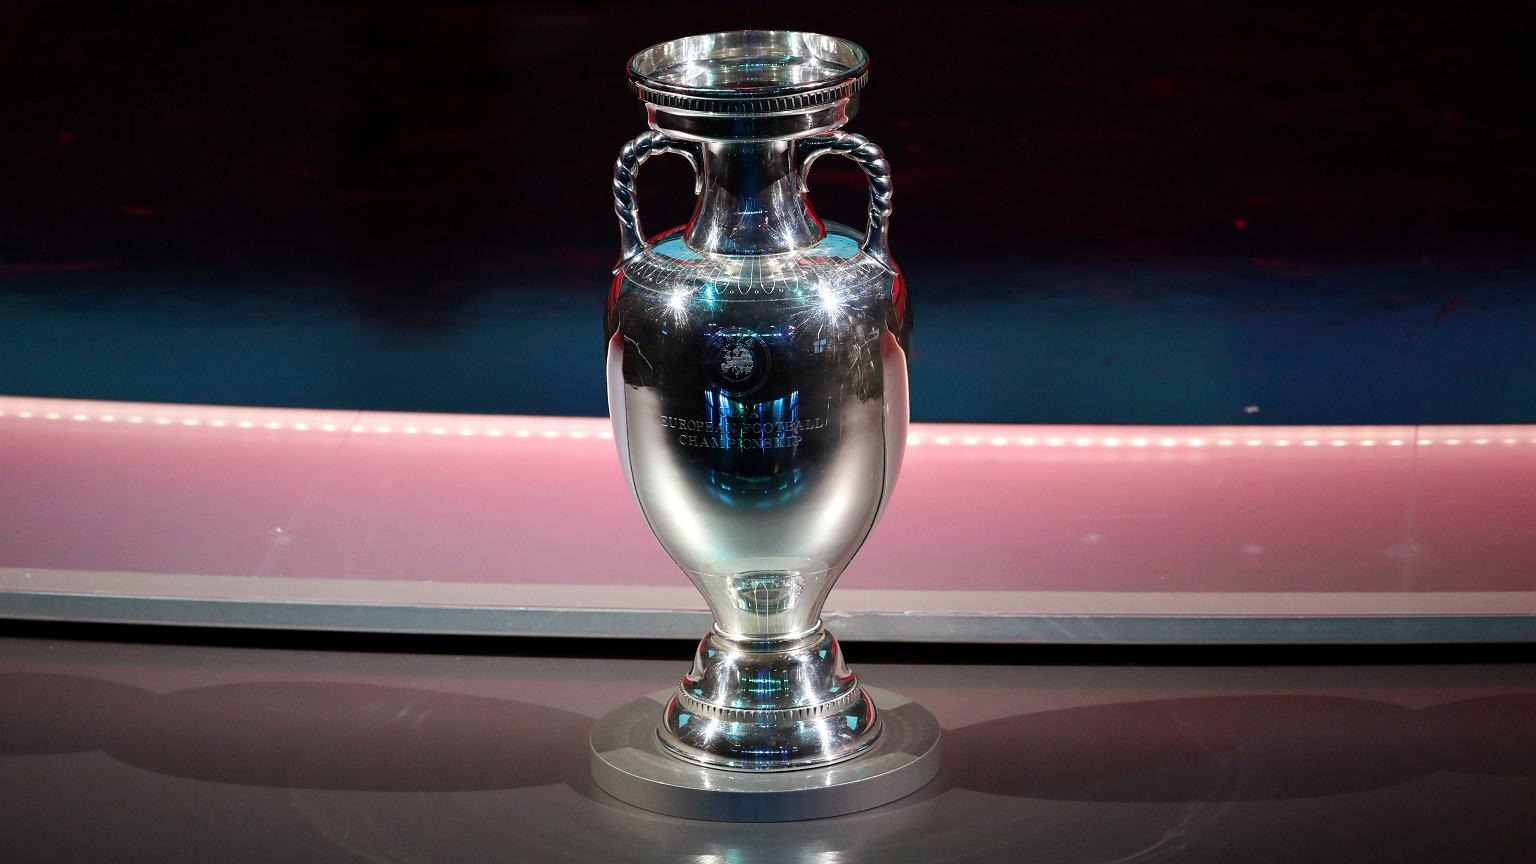 Mecz otwarcia Euro 2020: Turcja - W